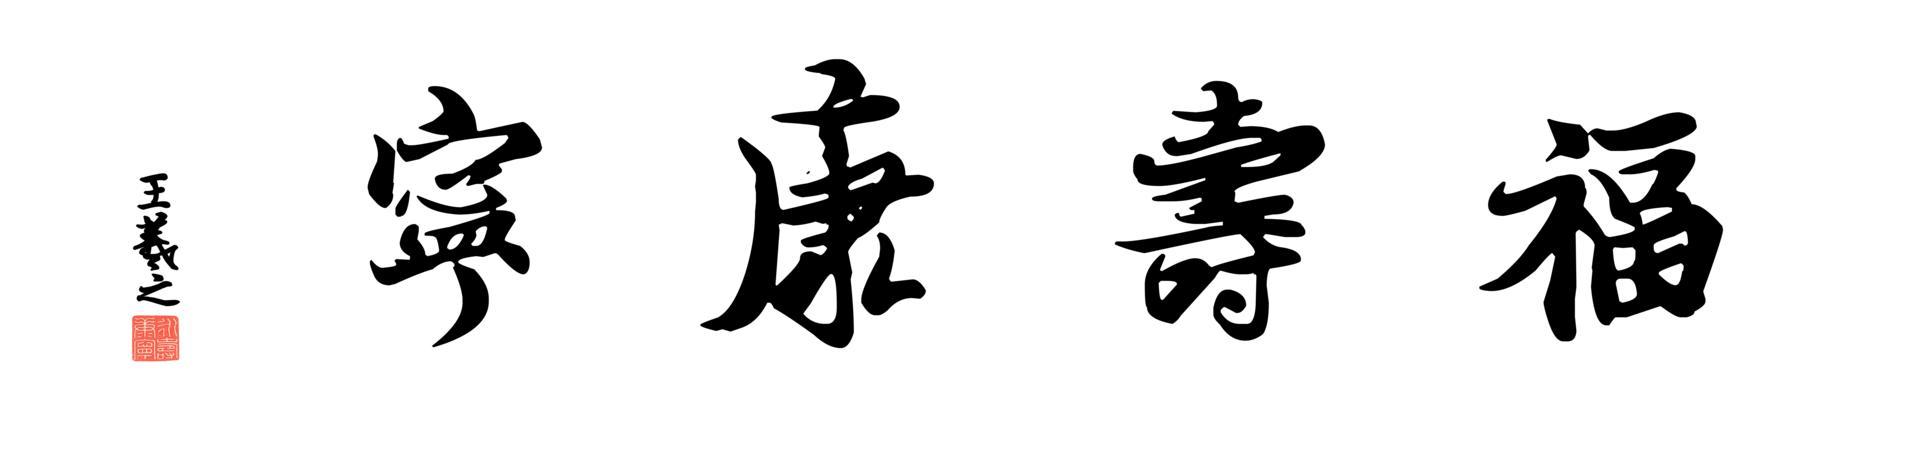 0049_王羲之兰亭体数字书法-四字横幅福寿康宁136x33cm_21417x5197PX_TIF_400DPI_326_0